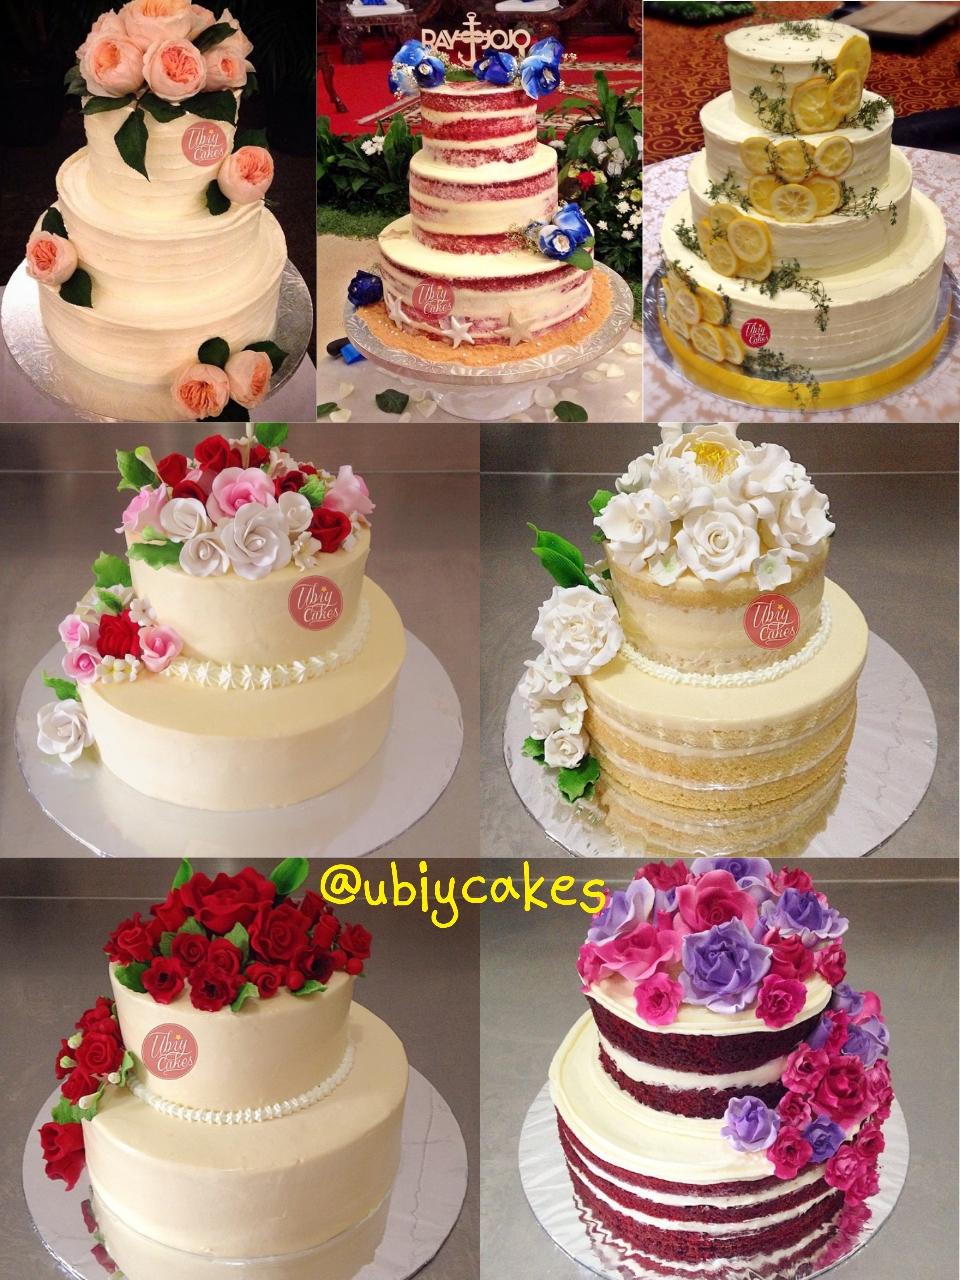 Mr And Mrs Leonard Wedding Cake Vendors - Harga Dummy Wedding Cake